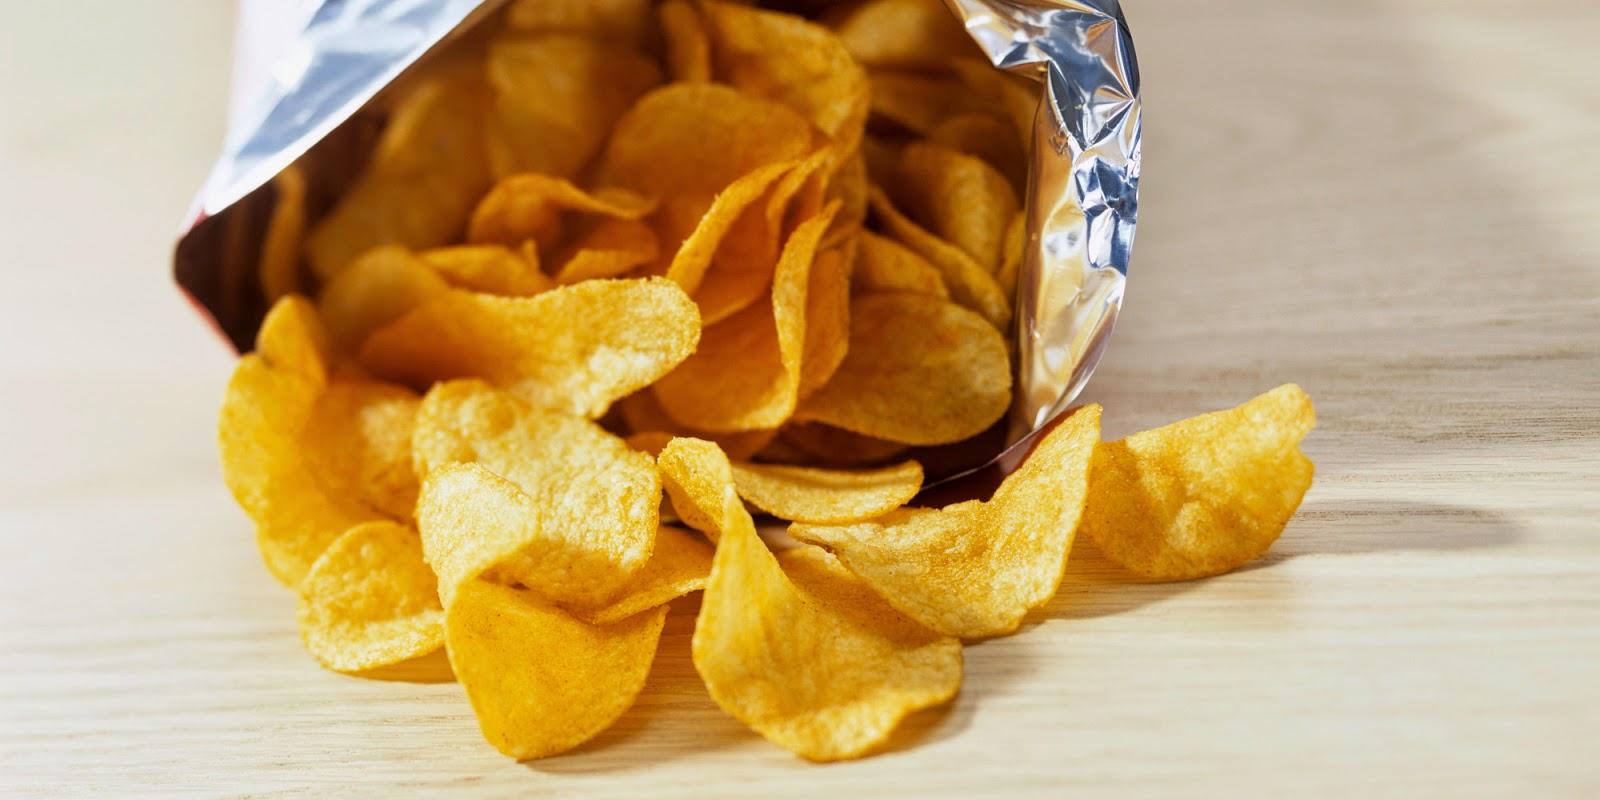 أضرار الشيبس على صحة الاطفال   Kids and potato chips